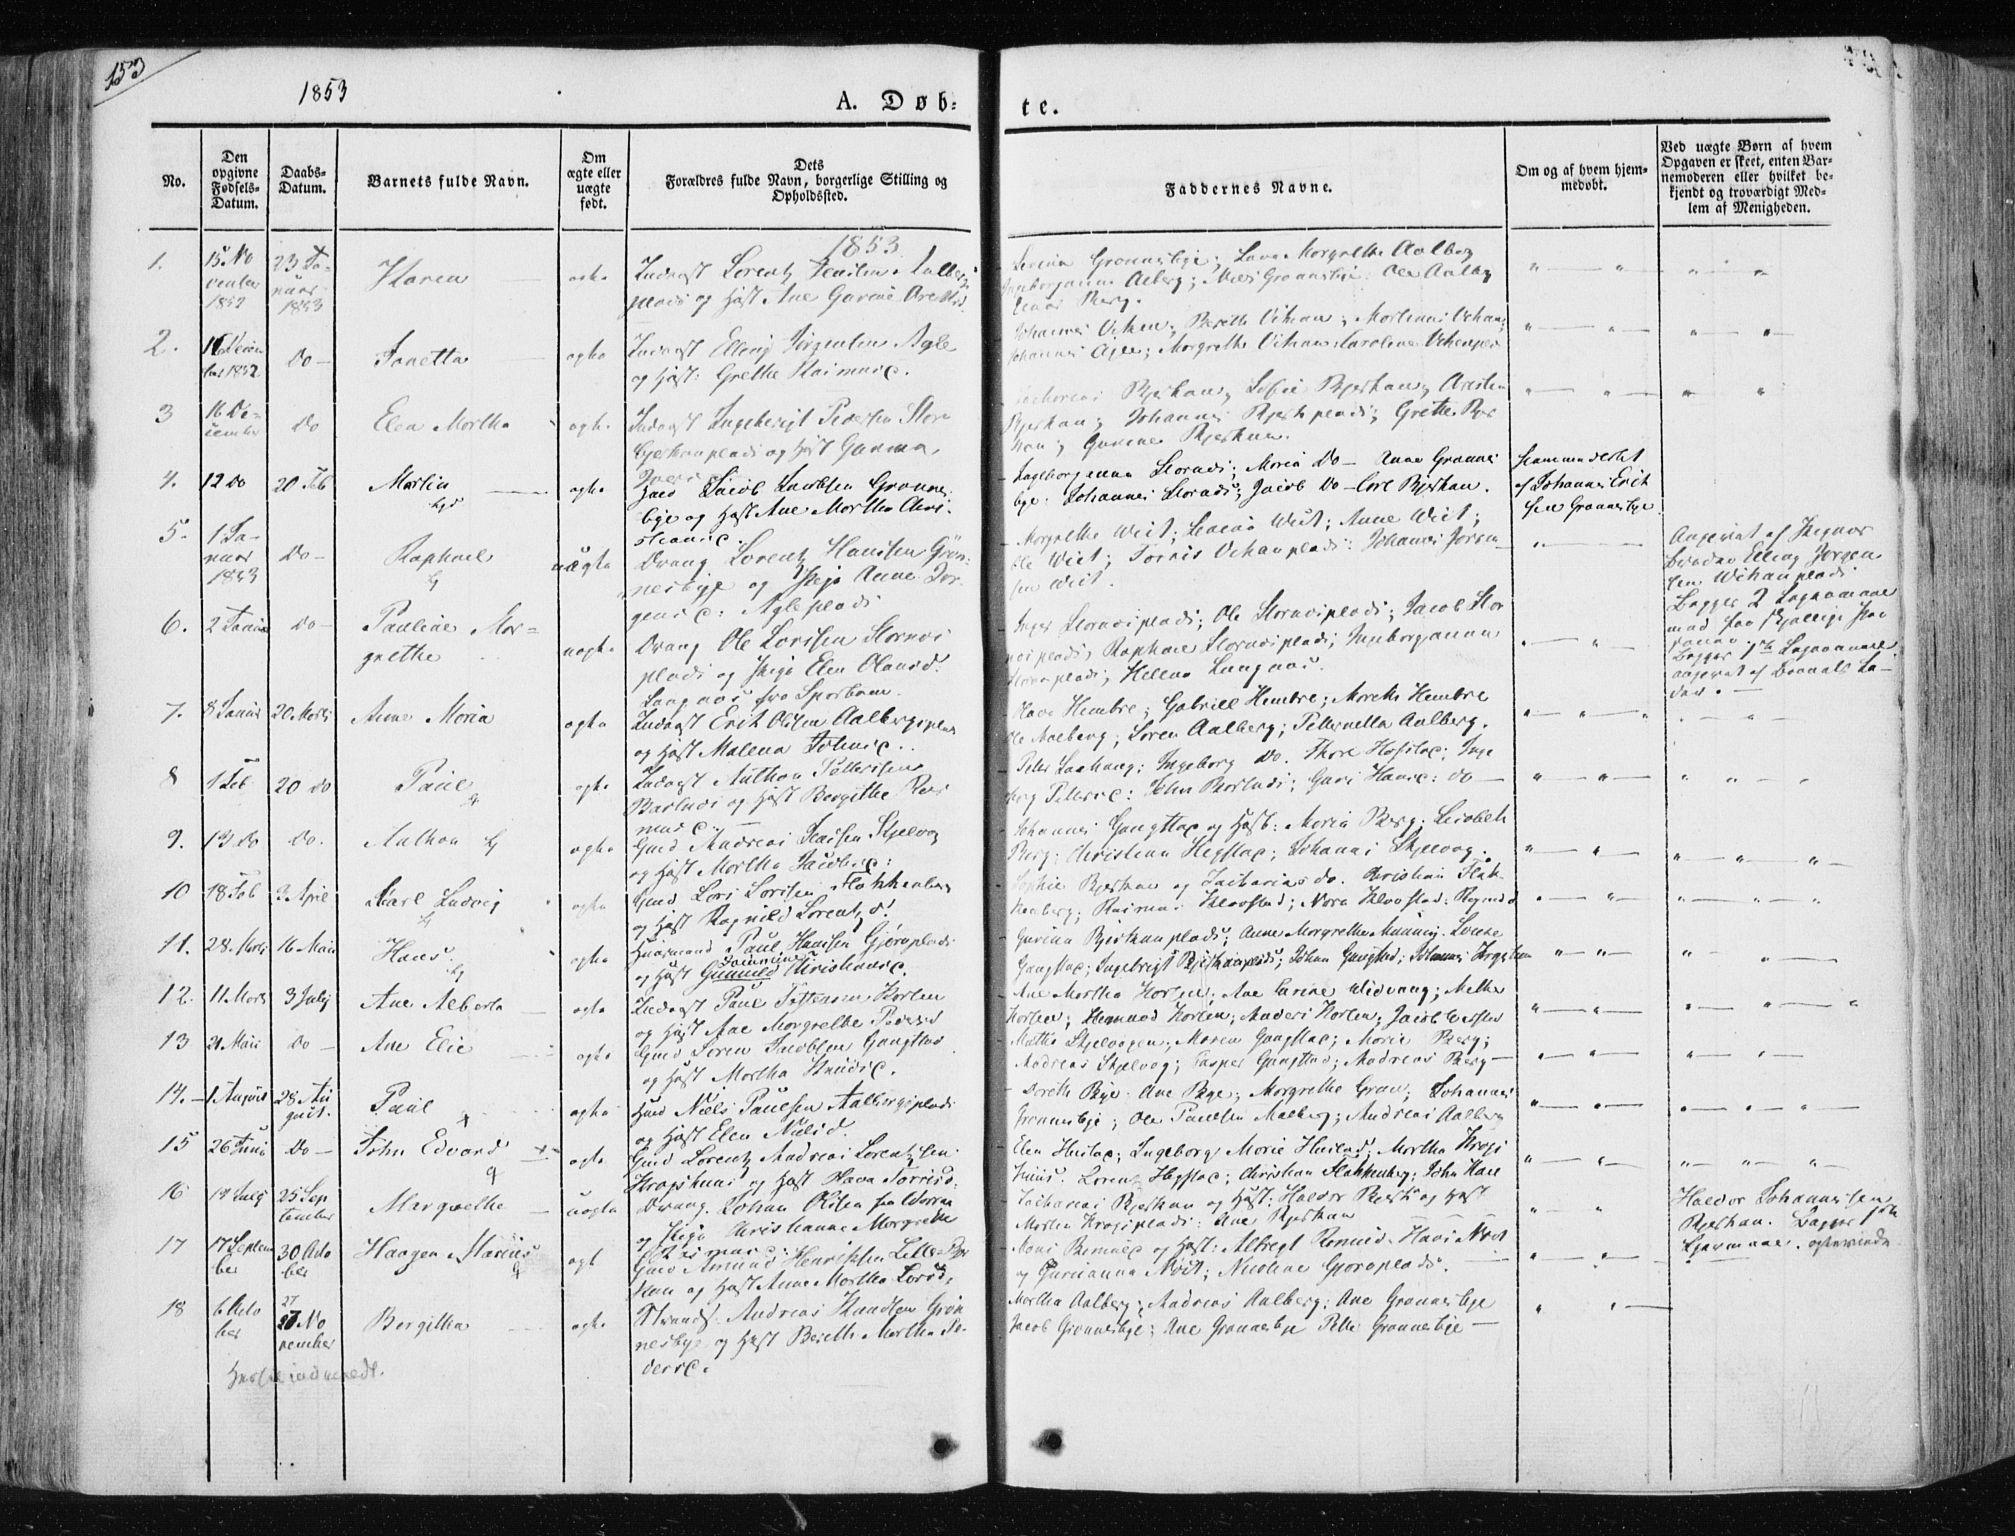 SAT, Ministerialprotokoller, klokkerbøker og fødselsregistre - Nord-Trøndelag, 730/L0280: Ministerialbok nr. 730A07 /3, 1840-1854, s. 153